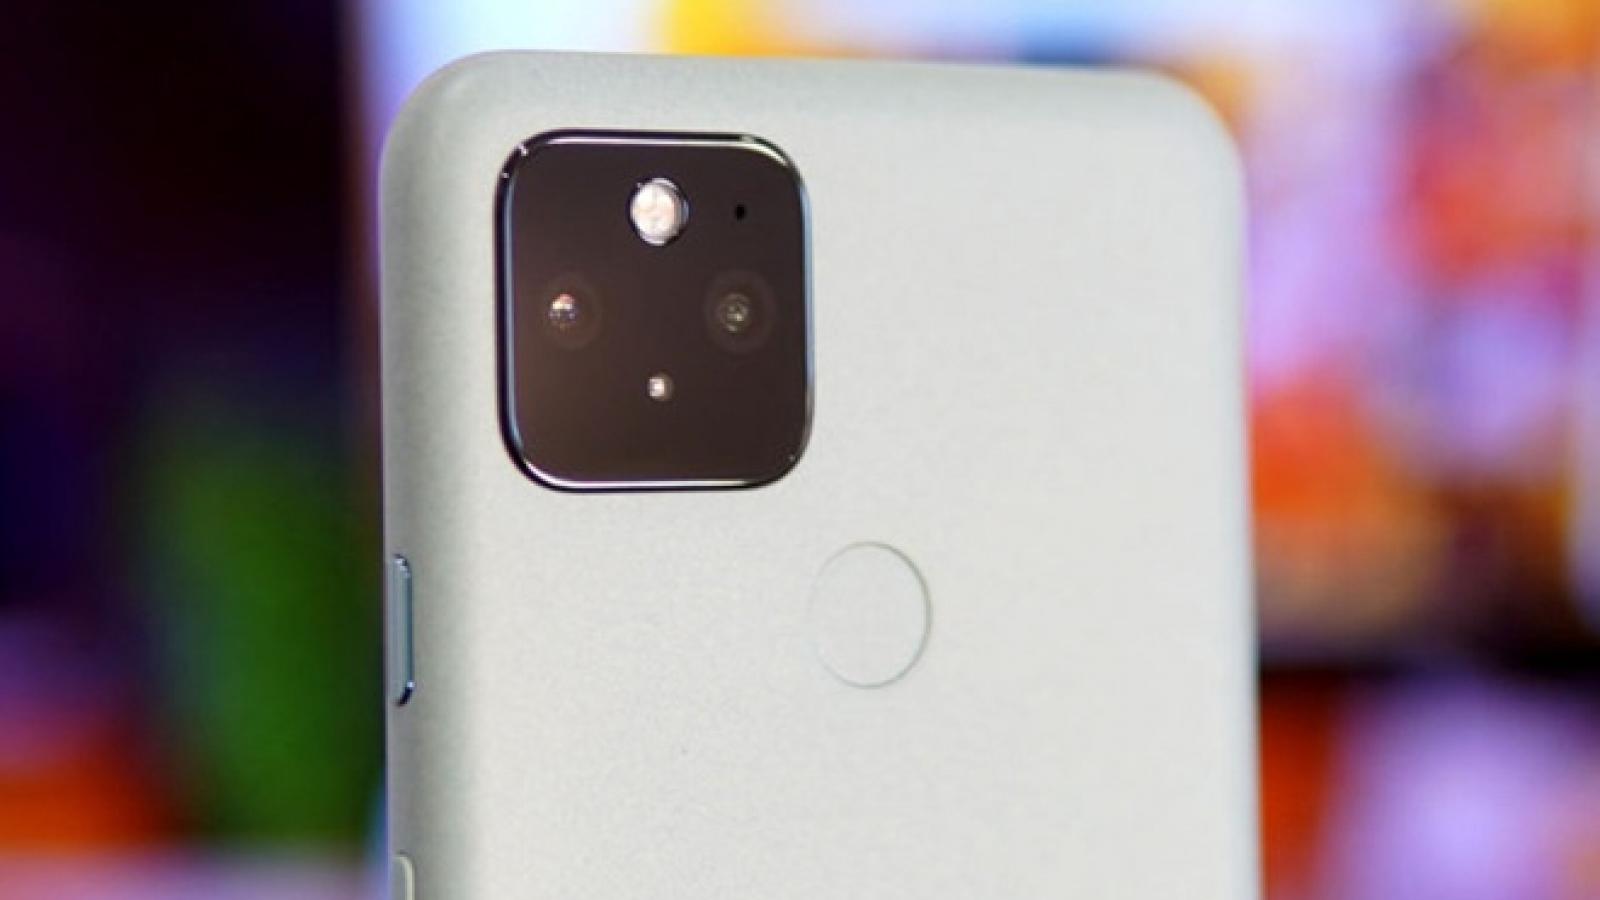 Google Pixel 5a 5G sẽ chỉ ra mắt ở Nhật Bản và Mỹ